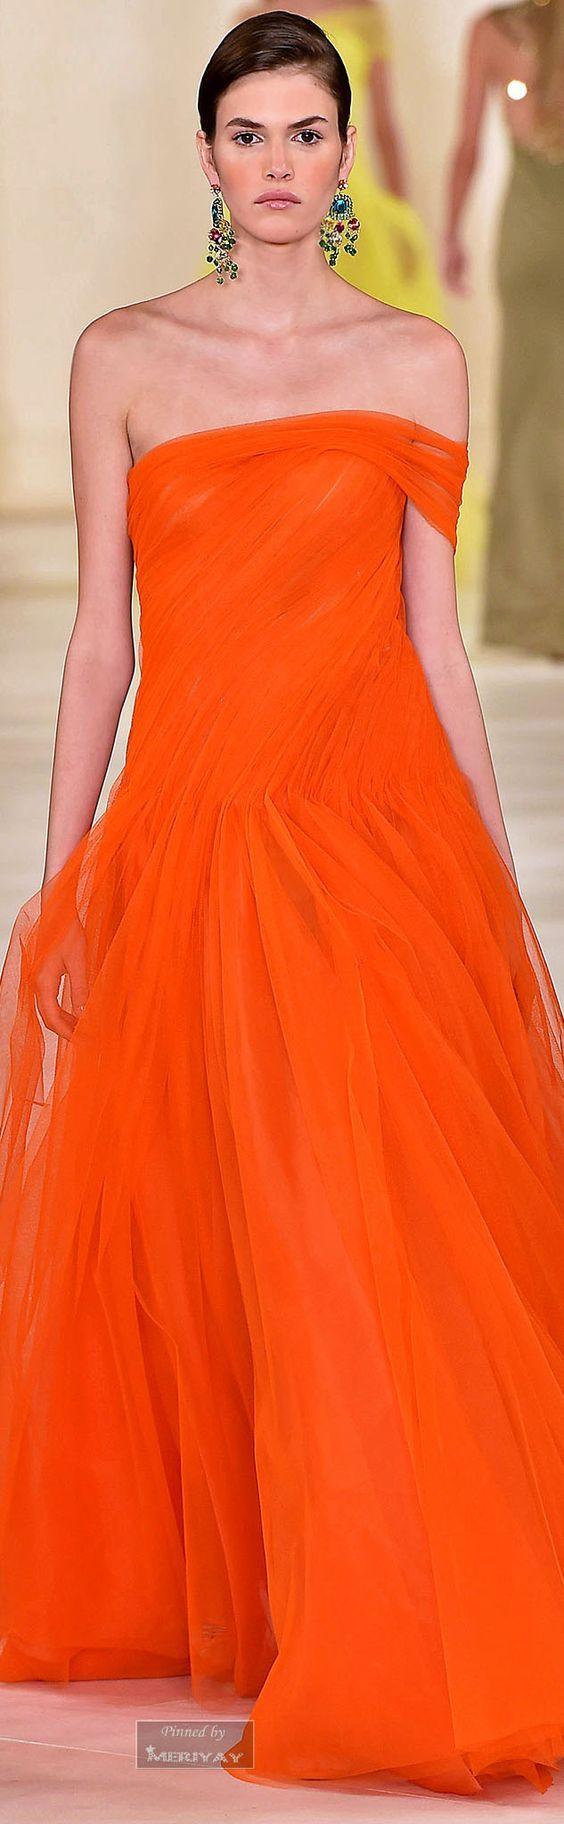 @roressclothes clothing ideas #women fashion orange maxi dress